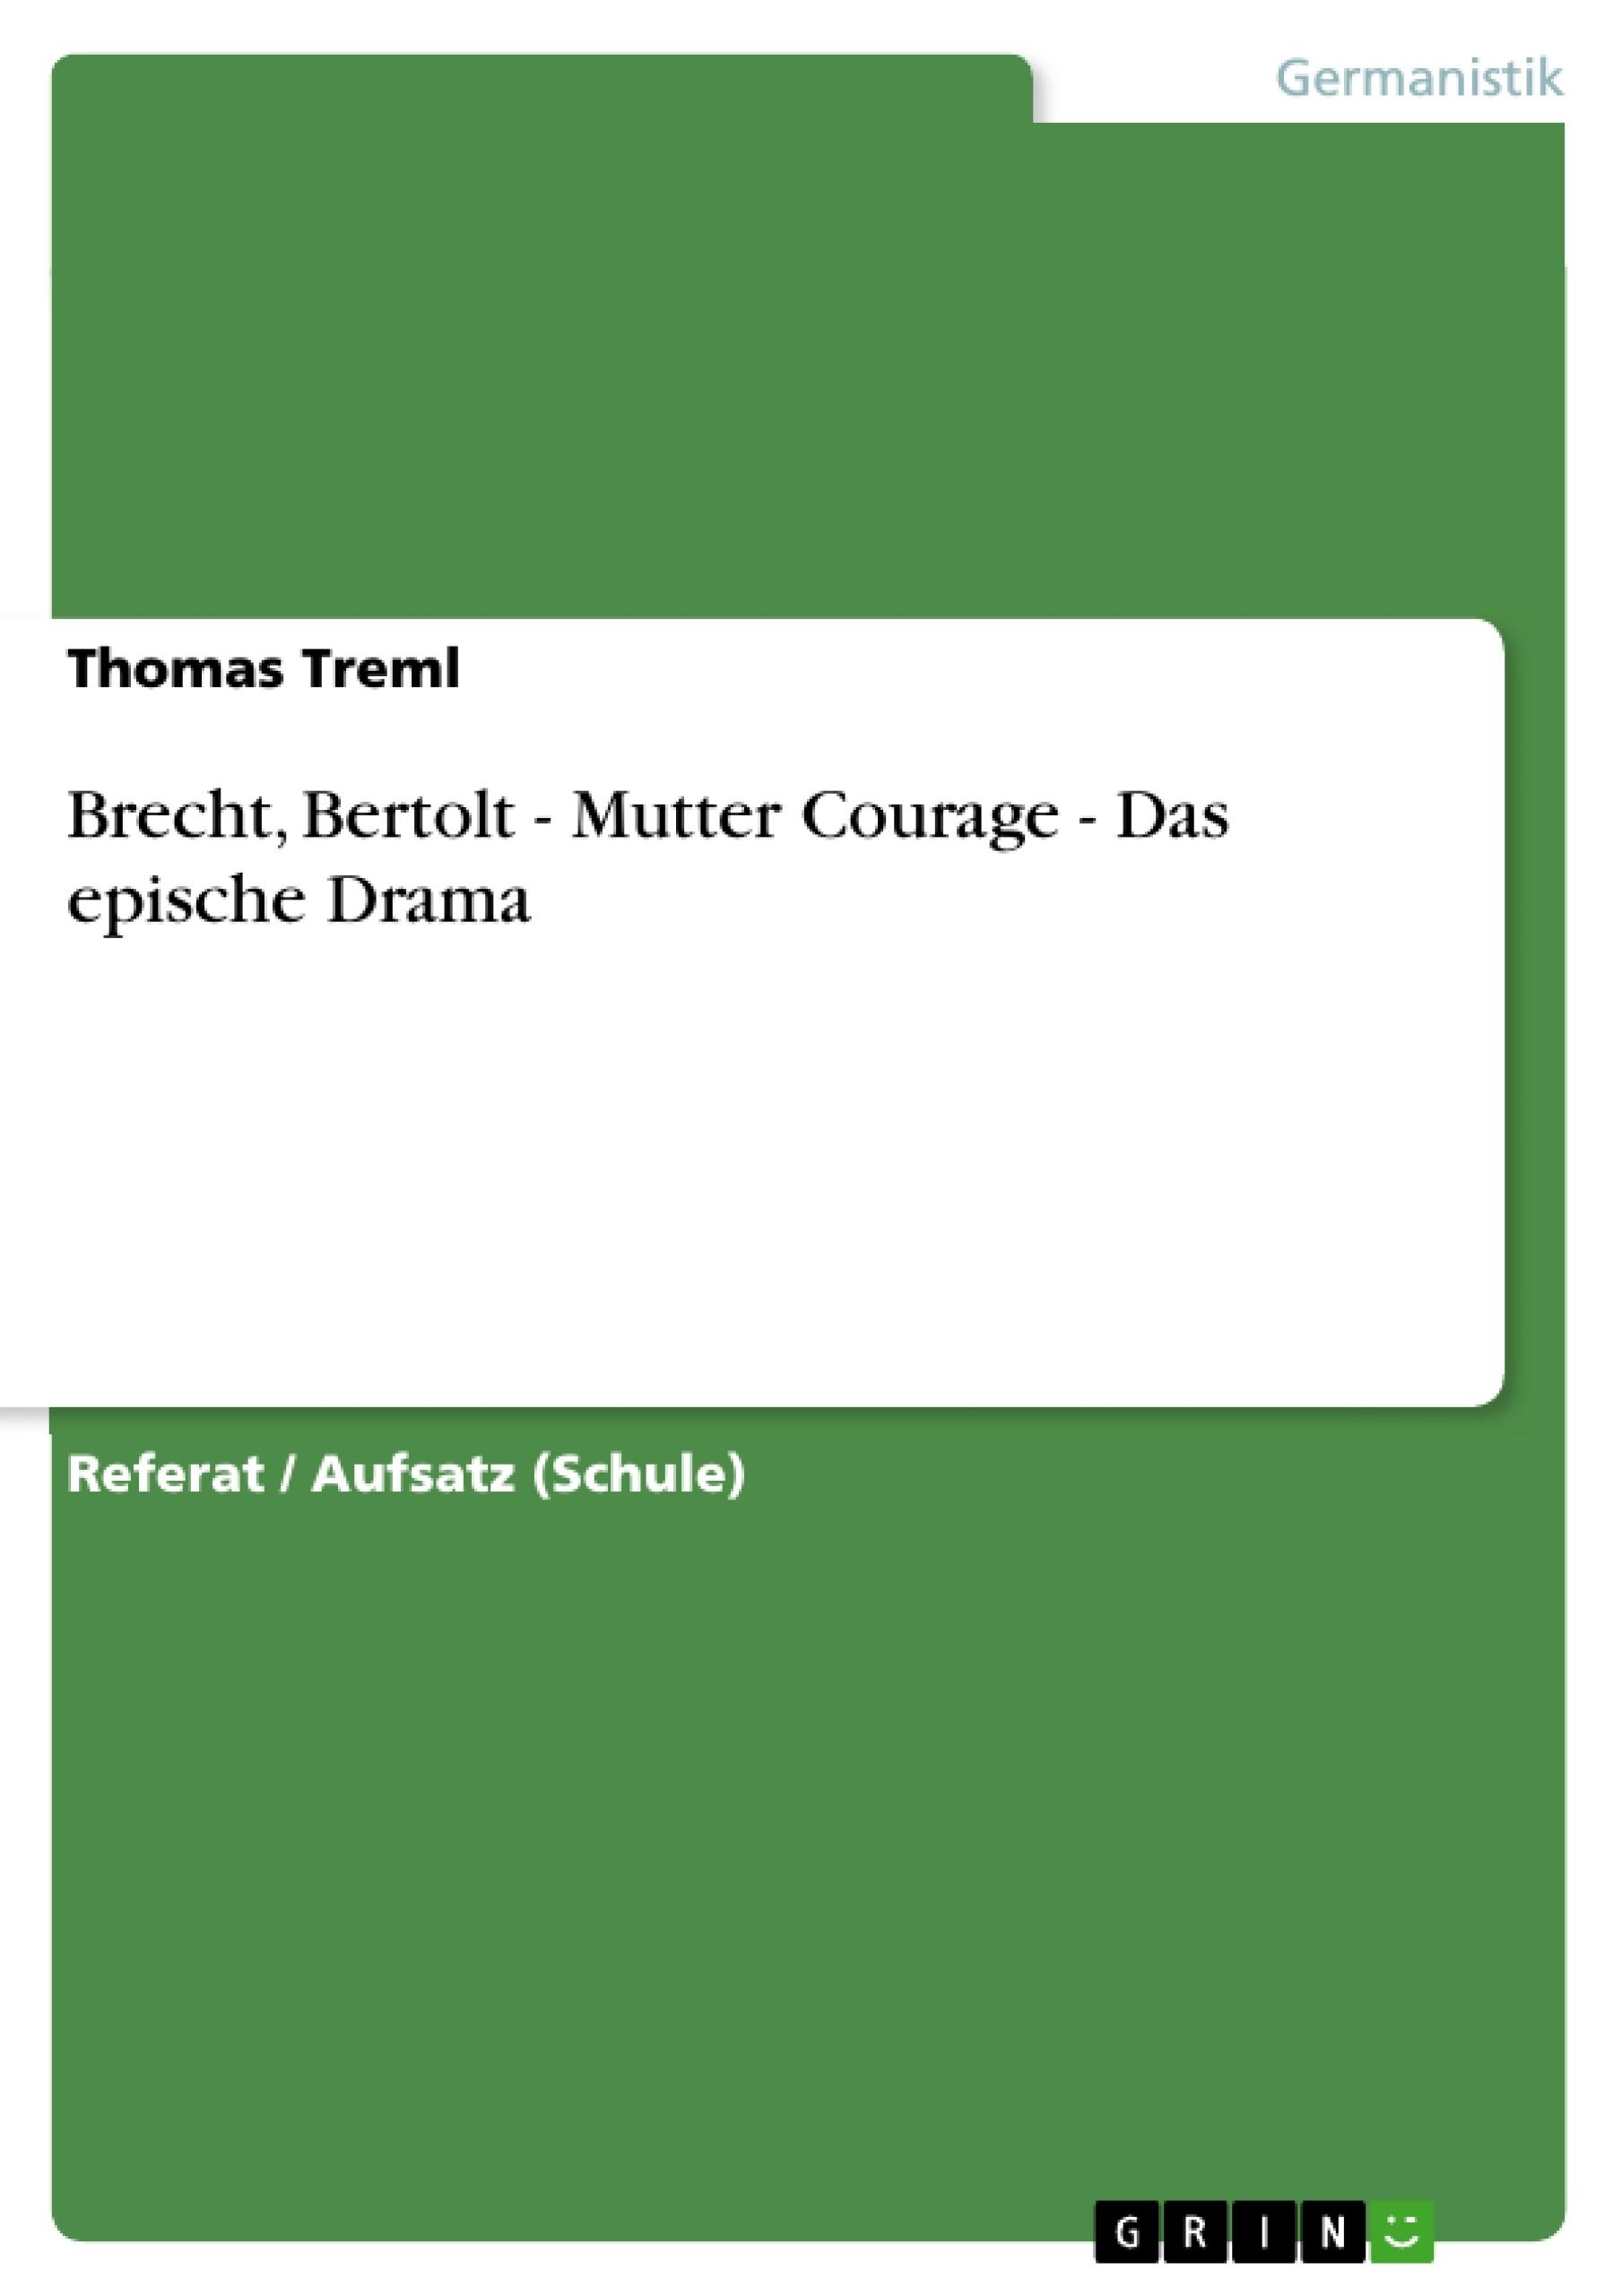 Titel: Brecht, Bertolt - Mutter Courage - Das epische Drama